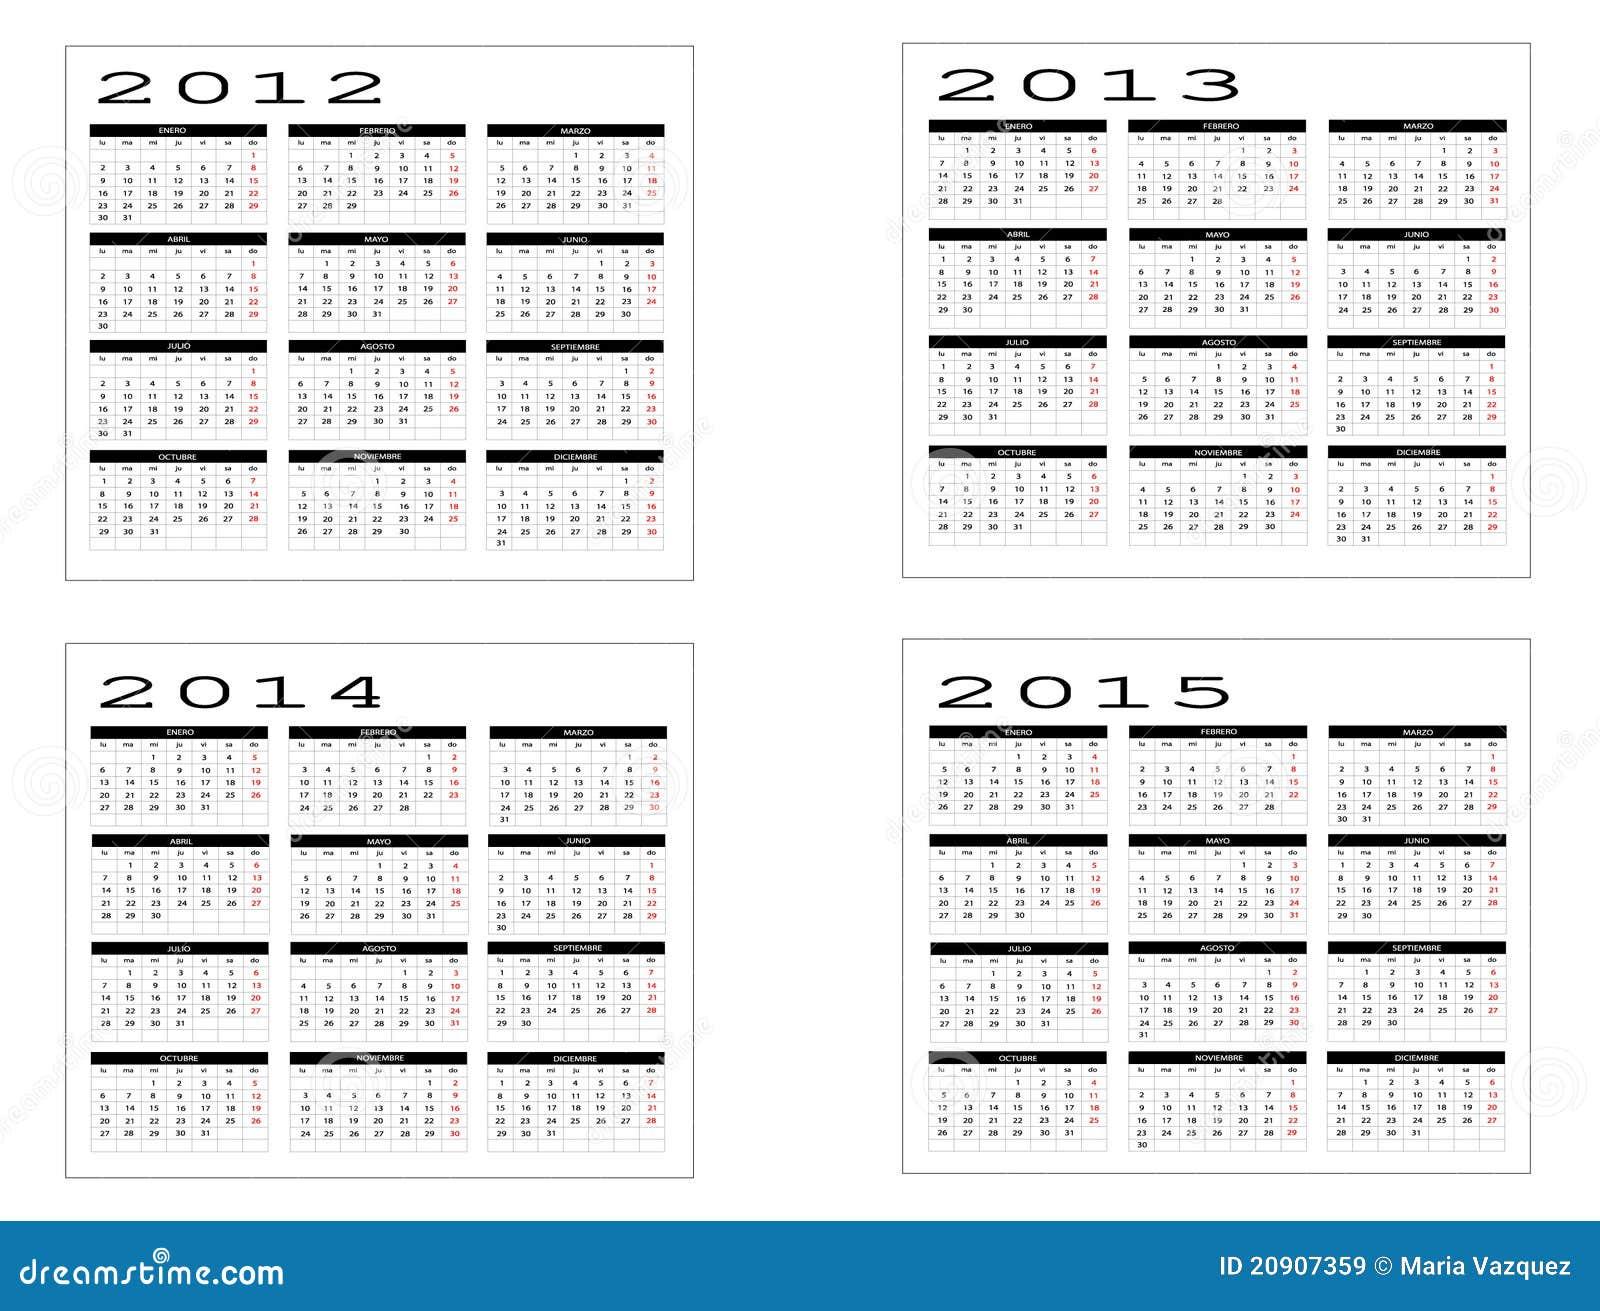 Ознакомьтесь с бизнес-обзором корпорации Depositphotos, Форт-Лодердейл, Флорида.  Календарь 2013 до 2016...